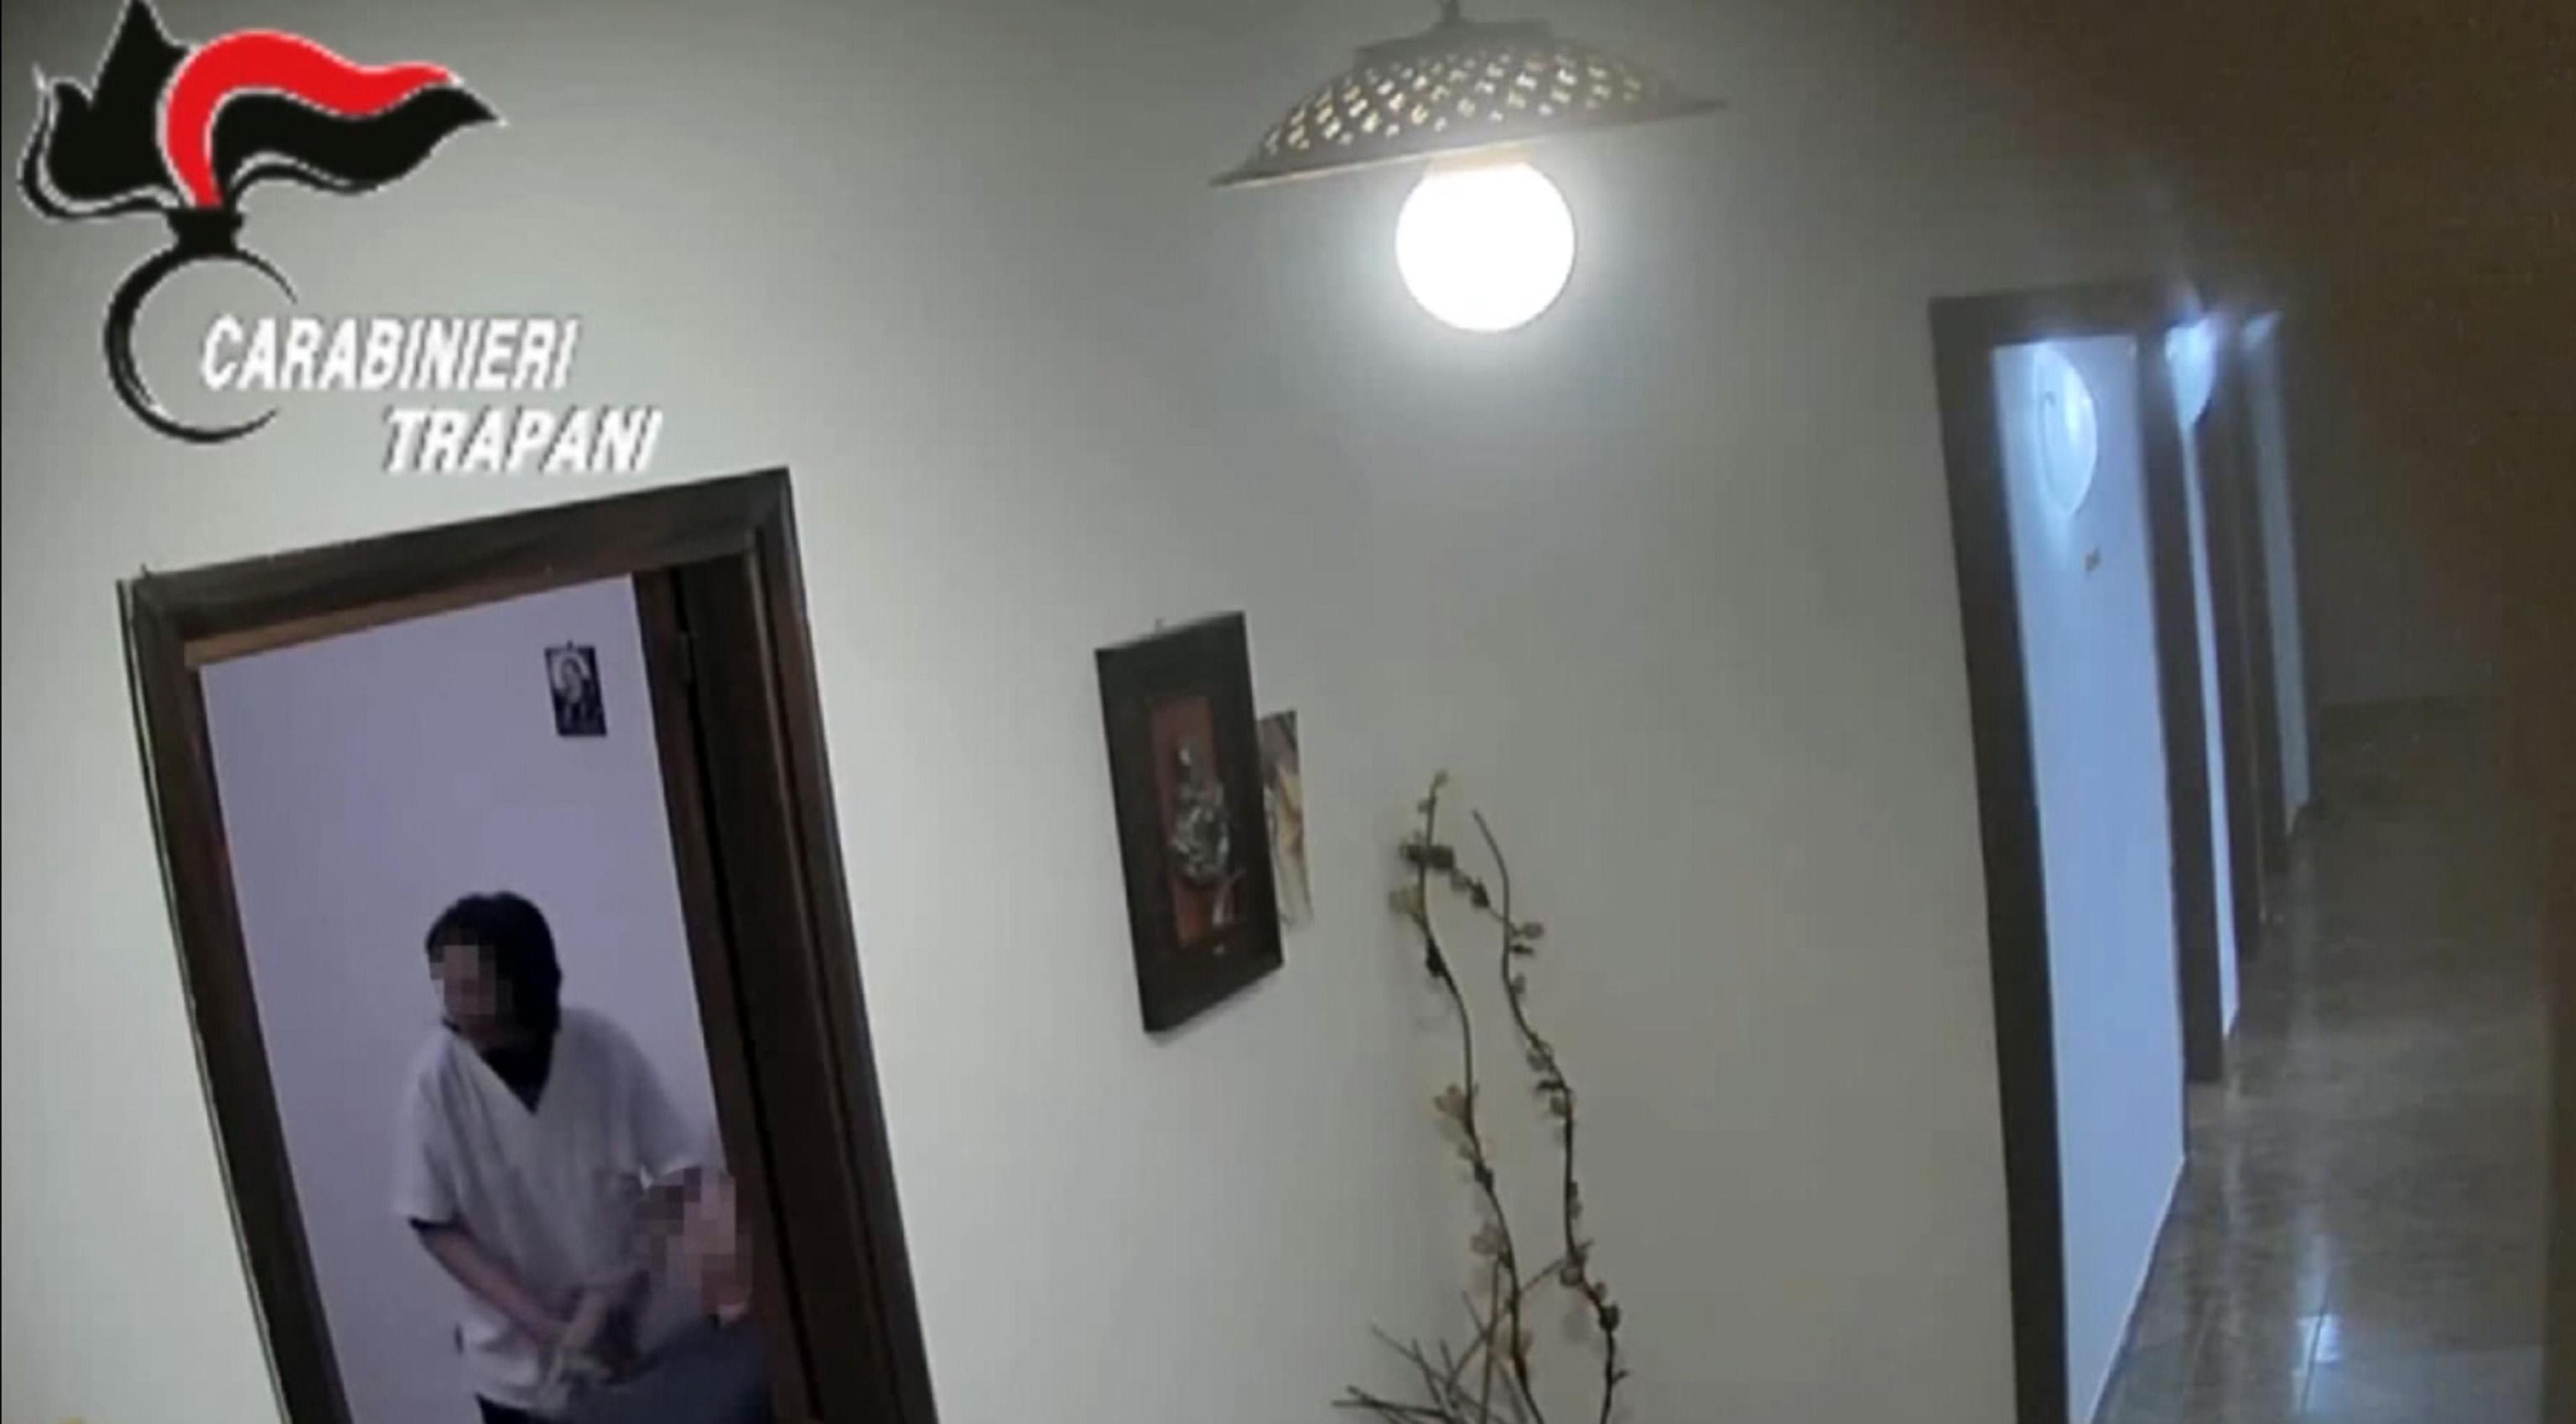 Casa degli orrori a Trapani: anziani picchiati e insultati nell'ospizio lager